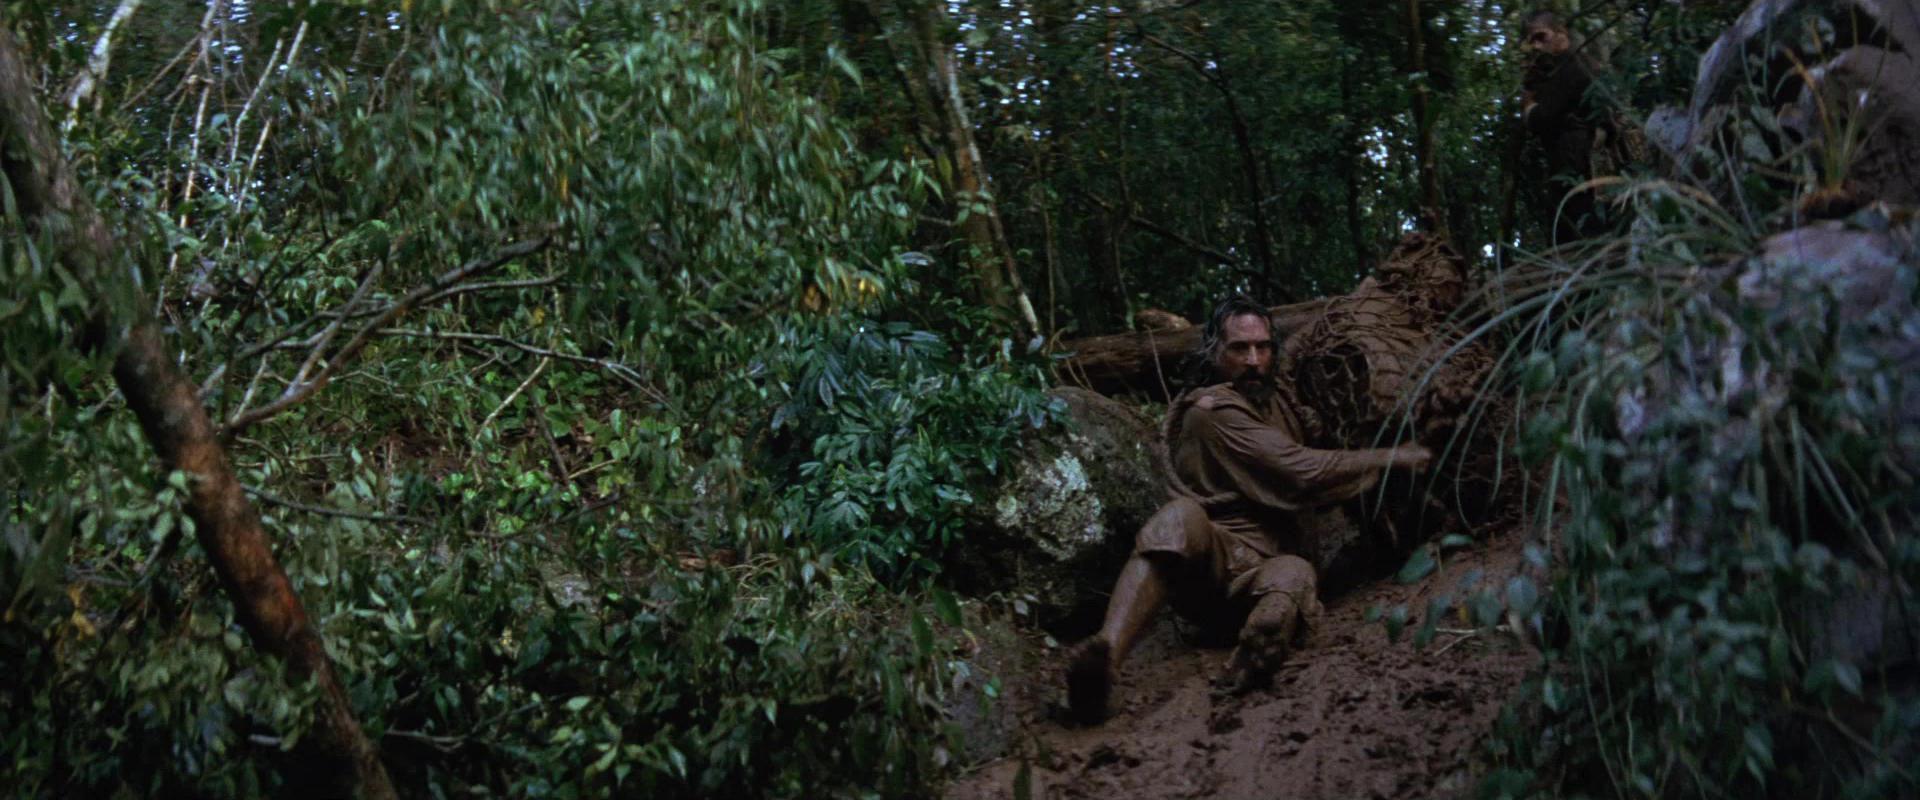 Robert de Niro en la selva misionera. Fuente: IMBd